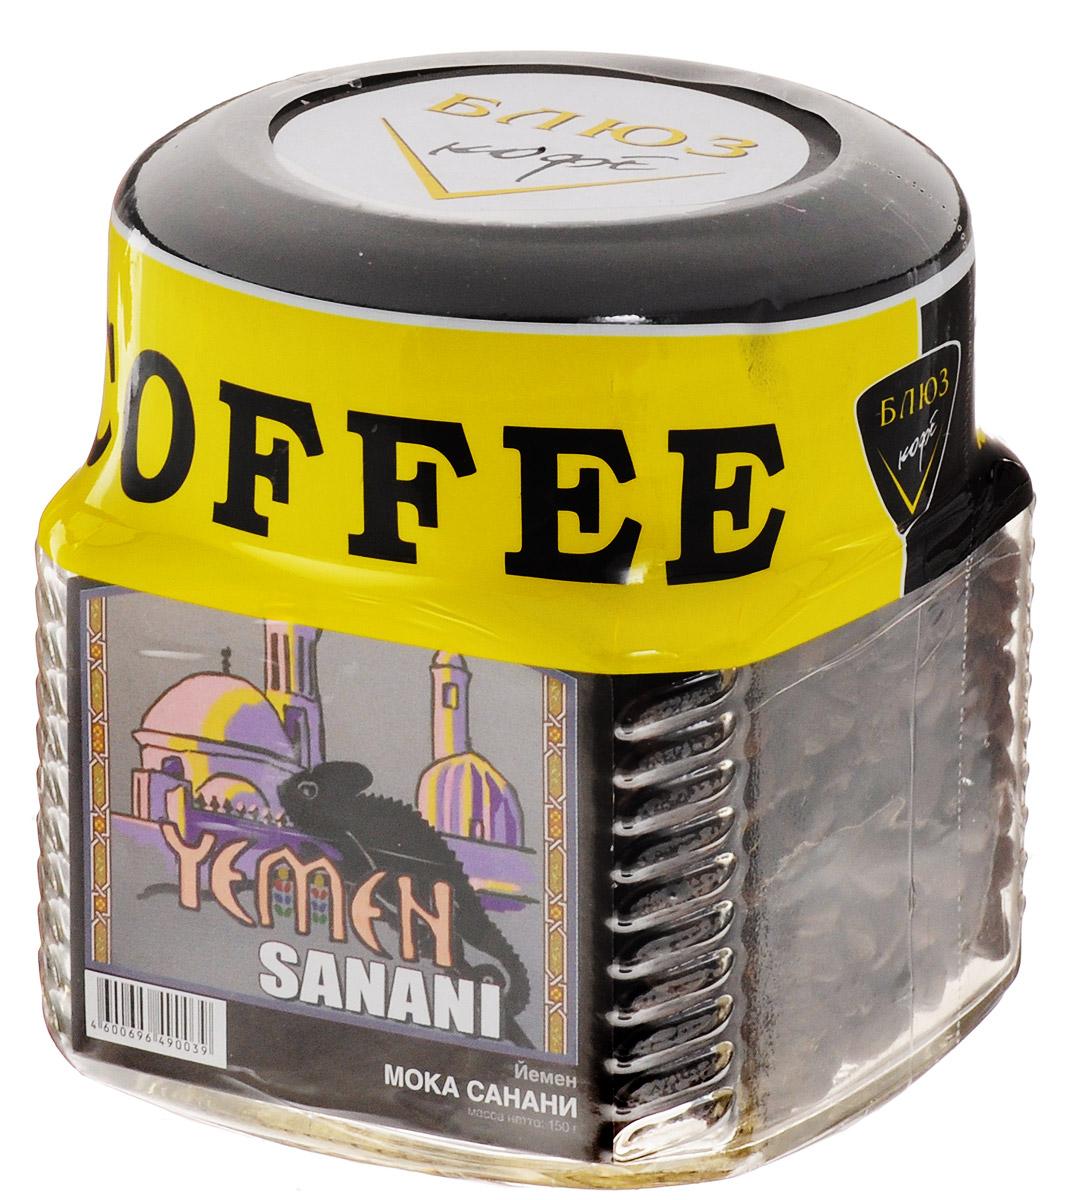 Блюз Йемен Мока Санани кофе в зернах, 150 г4600696490039Кофе лордов со второй родины кофе - из Йемена, откуда этот замечательный сорт был первым среди всех сортов кофе привезён в Европу в 16 веке. Для Санани характерна неровная форма зёрен. Йемен является первой страной, в которой начали выращивать кофе. Уникальные климатические условия аравийских плоскогорий, их почва и высота над уровнем моря являются источником уникального вкуса и аромата кофе мока. Вкус и аромат - острый, винно-фруктовый, с орехово-шоколадными оттенками. Уникальная, чуть заметная кислинка придает напитку мягкий и пикантный вкус. Если бы не замечательный кофе Мока Санани, то племена Северного и Южного Йемена наверное не смогли бы вести многовековые и кровопролитные войны друг с другом, ведь в день совершеннолетия, мужчины Йемена получают не паспорт, но особый кривой нож для ближнего боя. Сейчас межплеменные войны утихли, Йемен объединился, ведь теперь этот кофе уходит на экспорт.